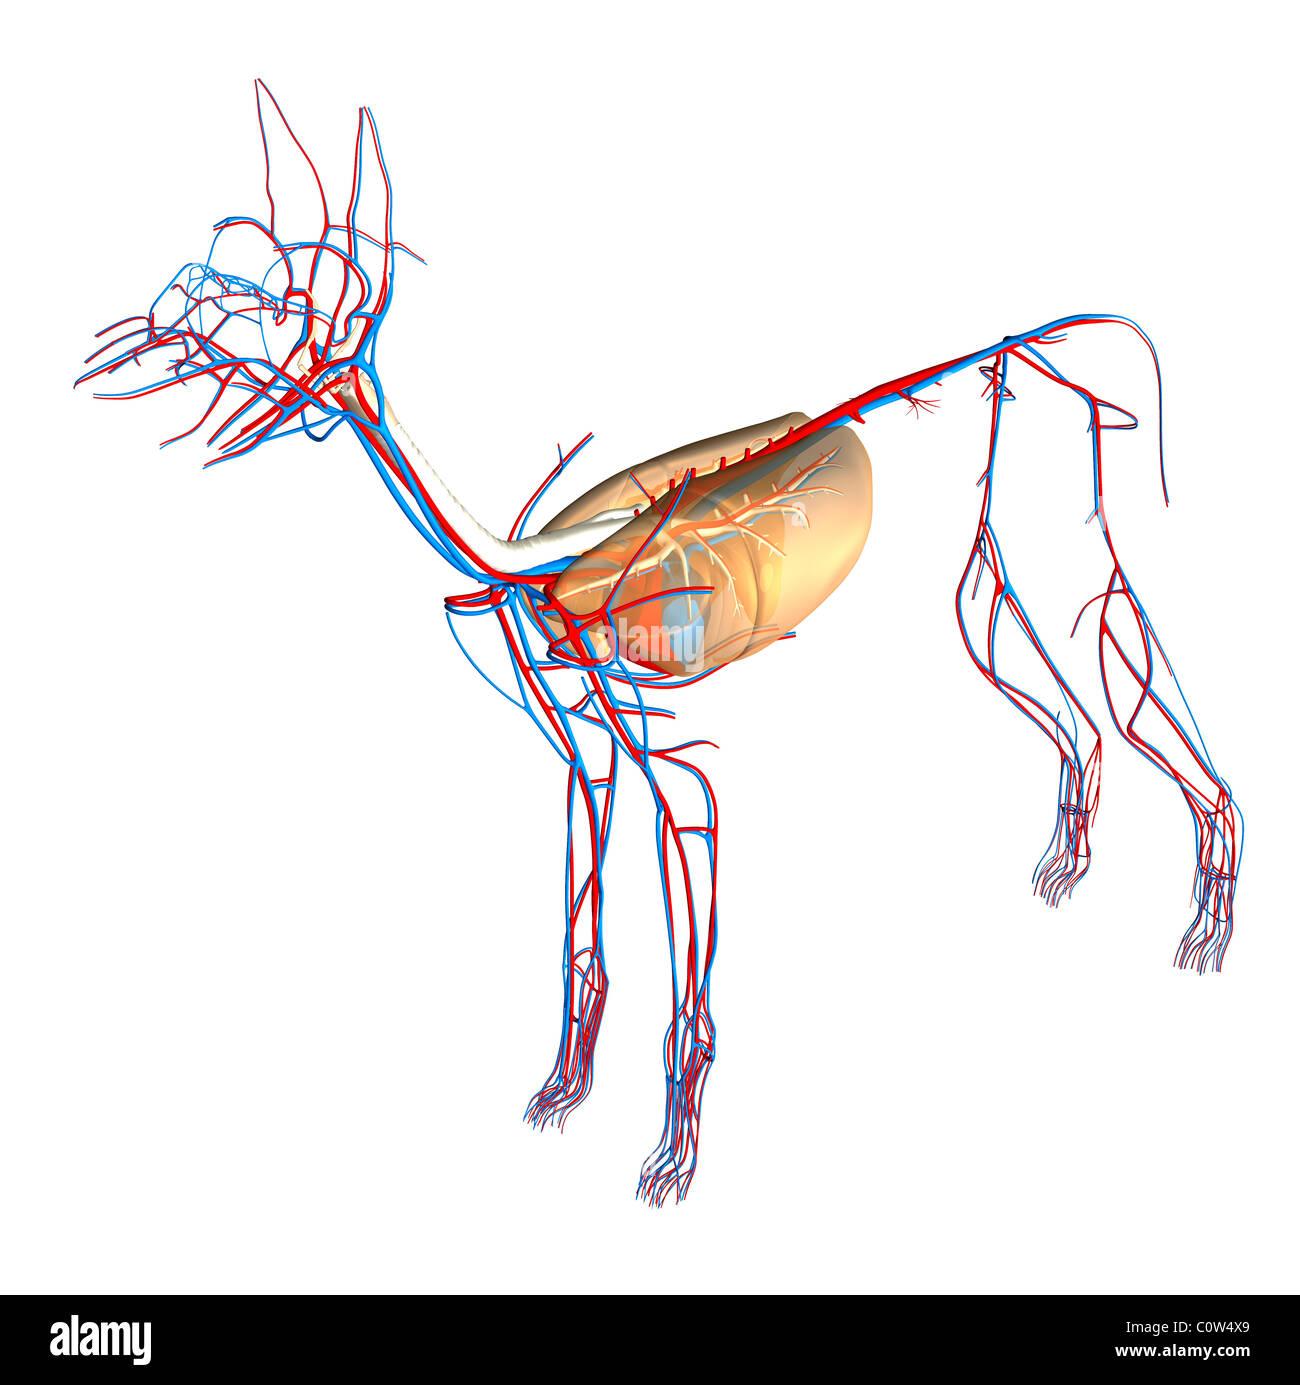 Hund Anatomie Atemwege Lungen Kreislauf Herz Stockfoto, Bild ...